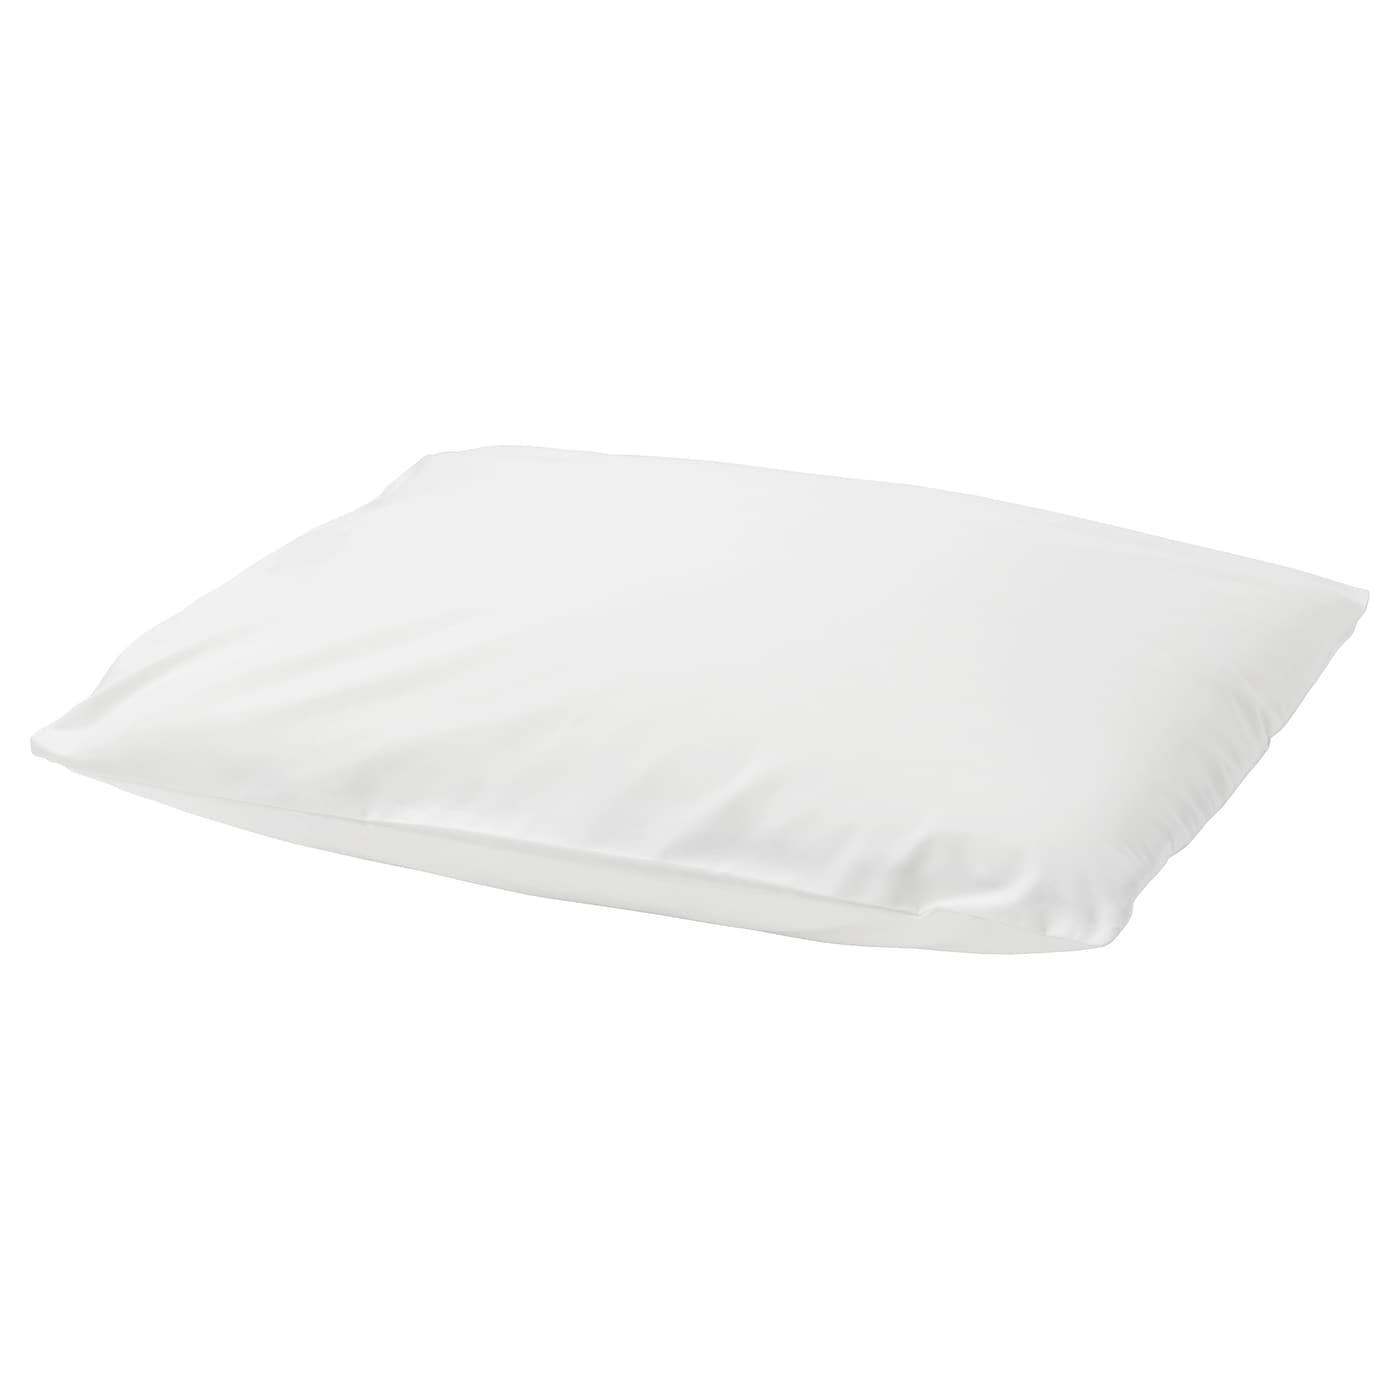 IKEA M…NVIVA sloop voor memoryfoamkussen katoen dat lekker zacht aanvoelt tegen de huid